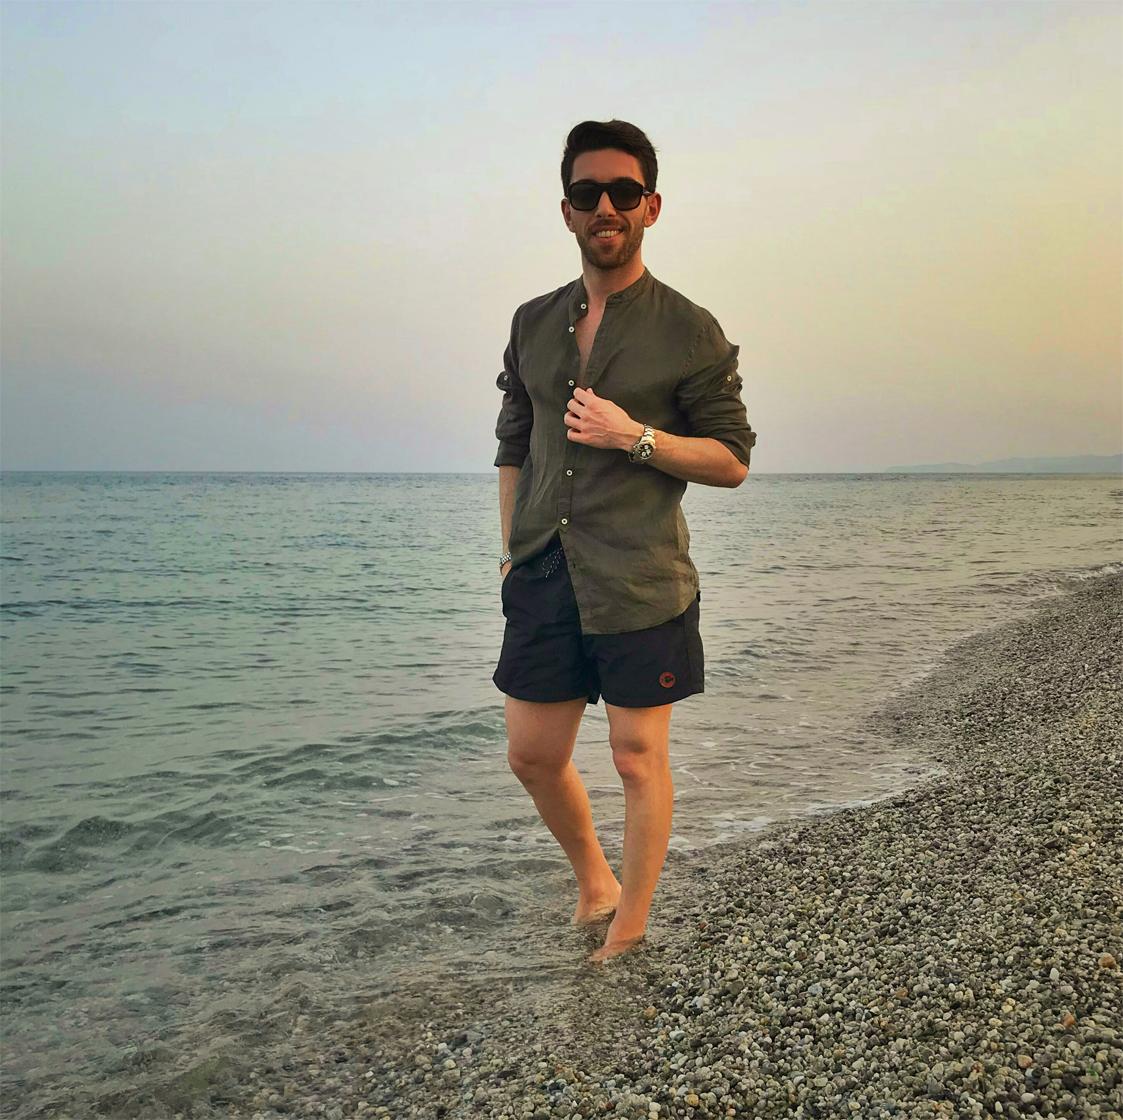 Perchè-camminare-scalzi-in-spiaggia-giuseppe-gimondo